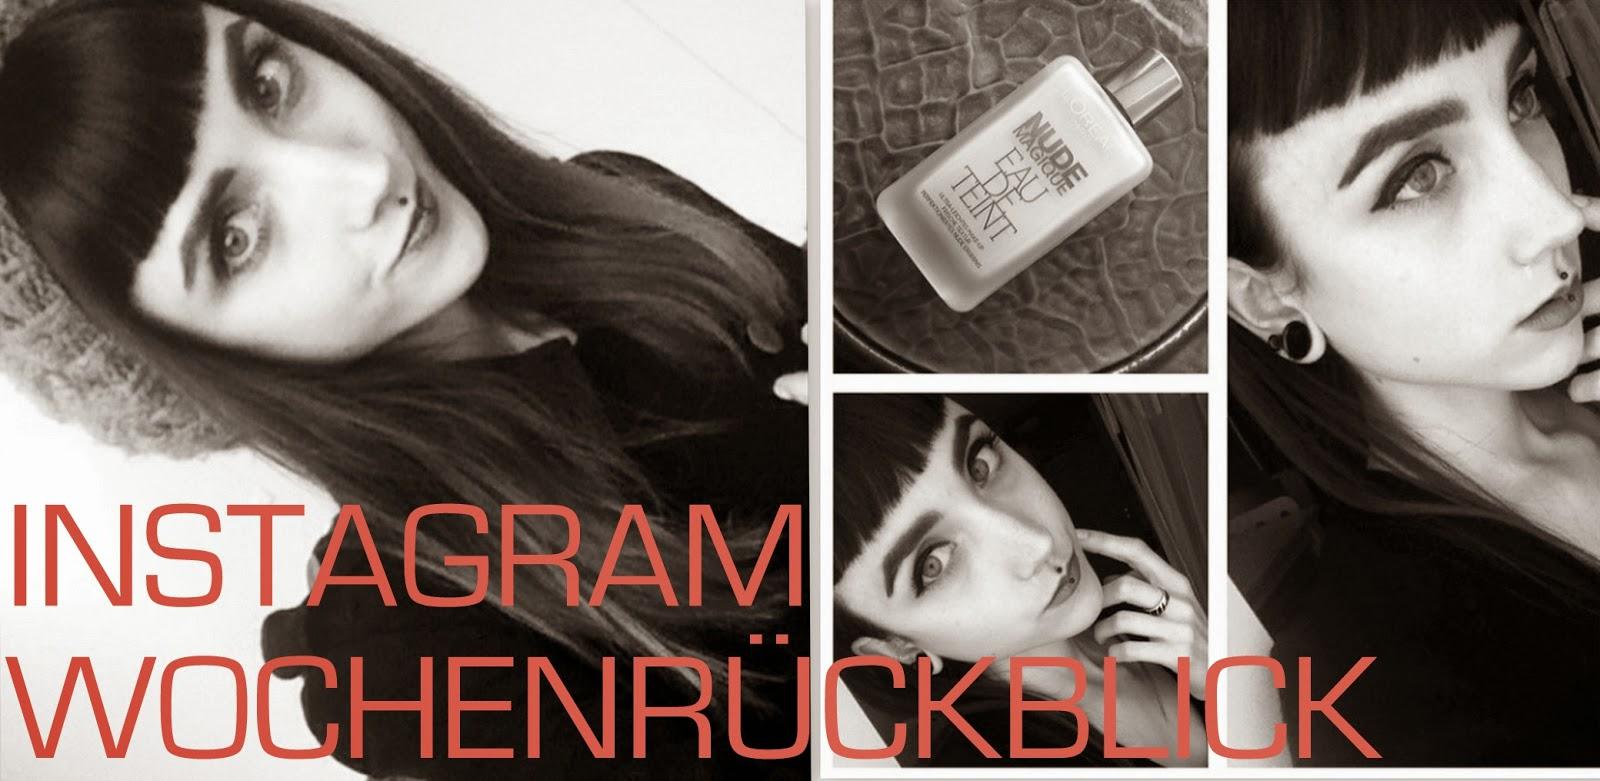 Instagram-Wochenrückblick #2